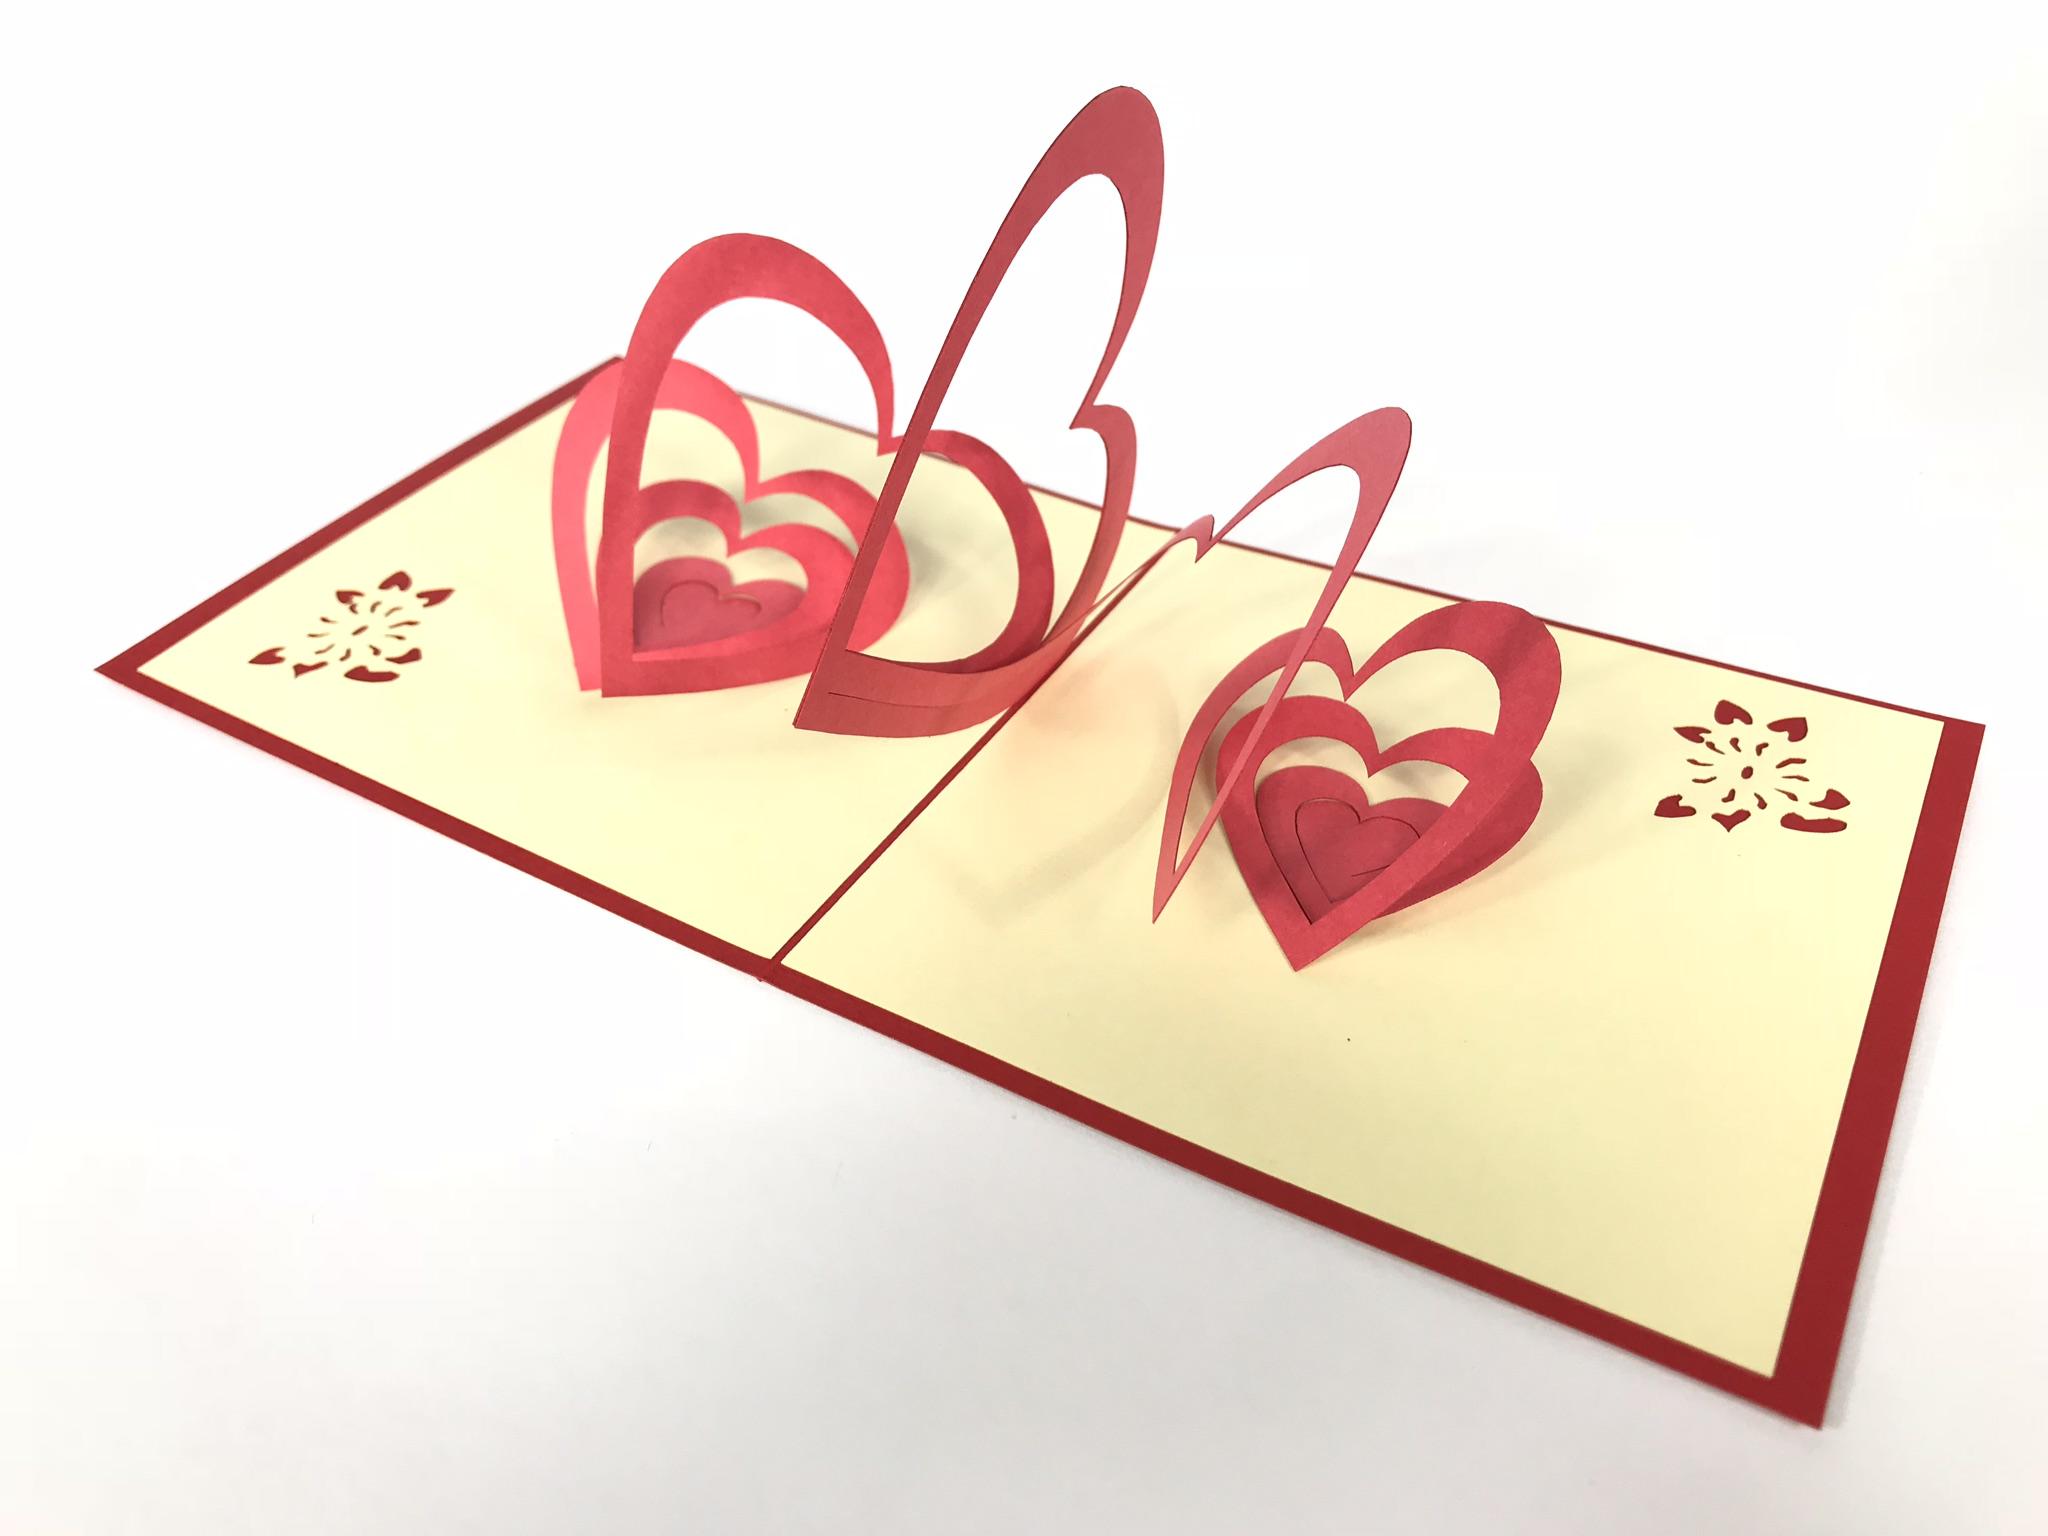 Спираль Сердец, Открытка 3d, подарок день святого instagram Любовь